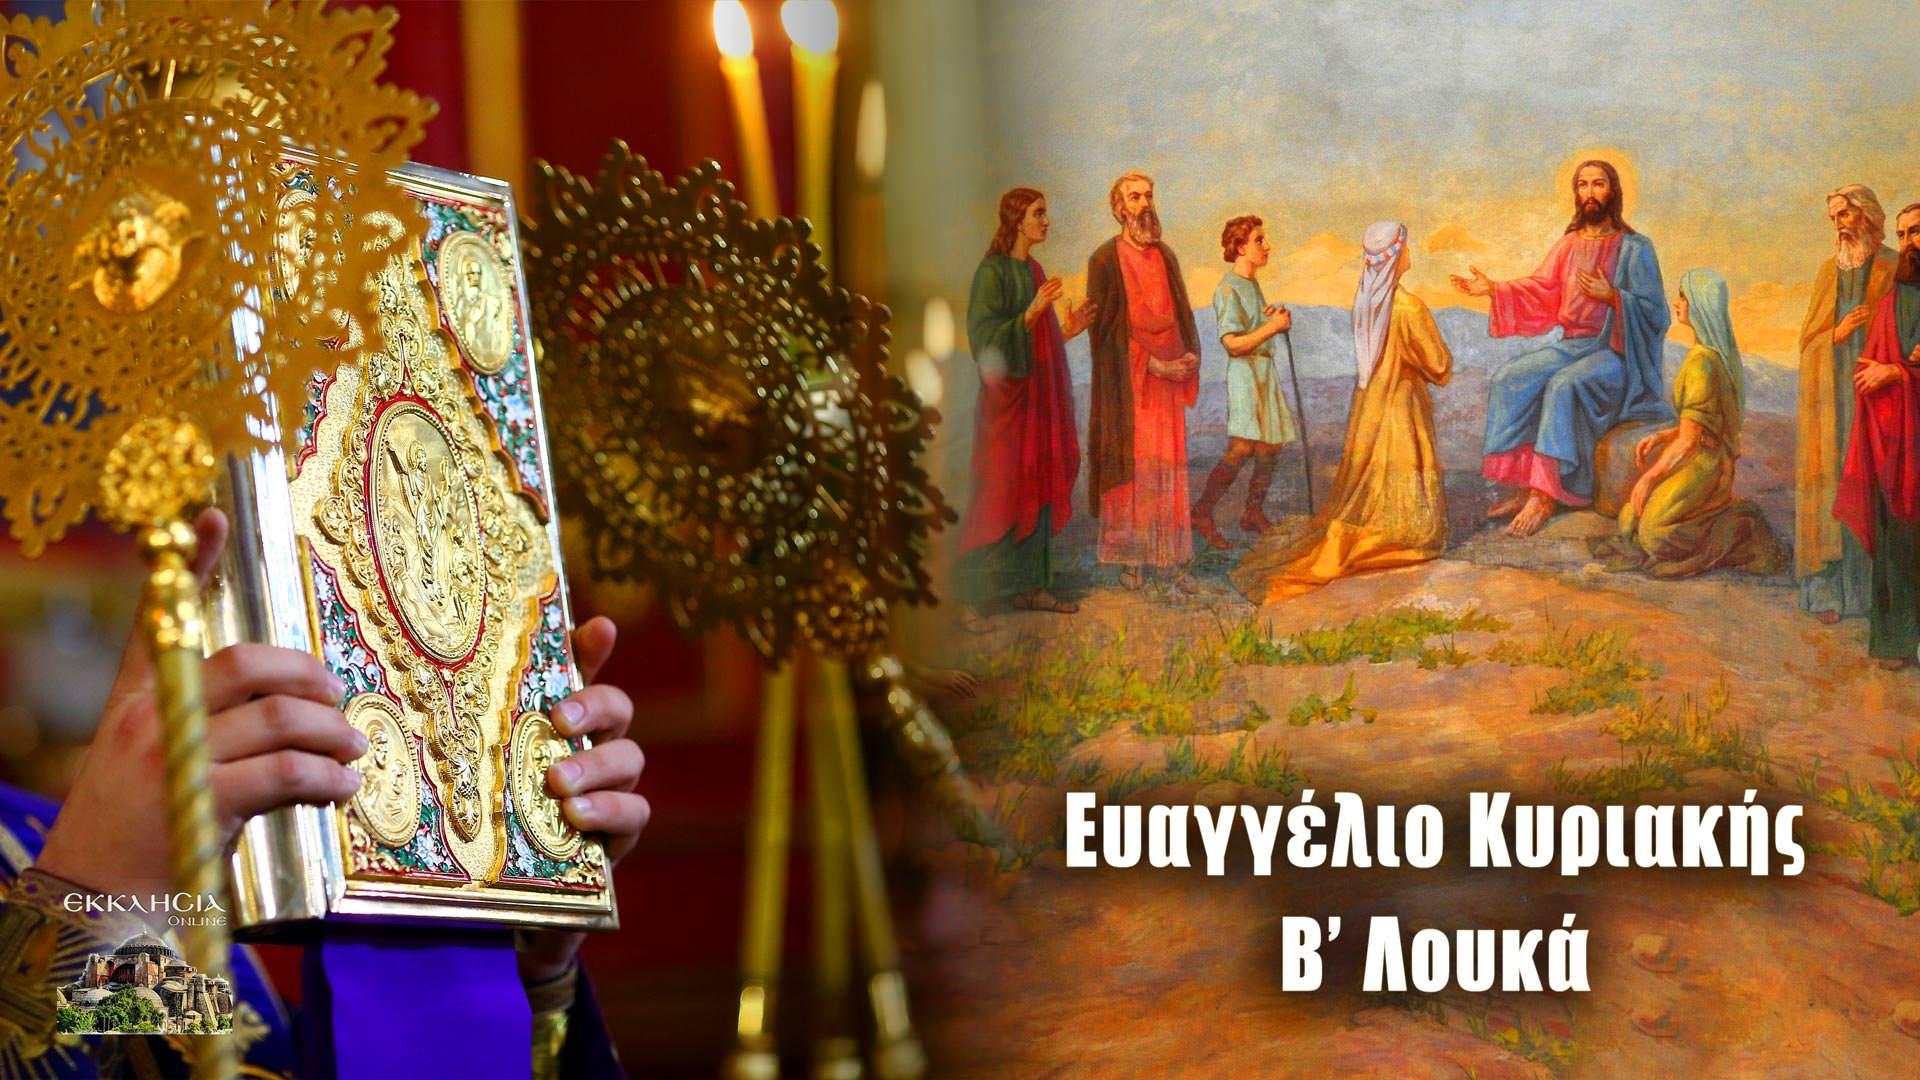 Κυριακή Β Λουκά Η επί του Όρους Ομιλία Ευαγγέλιο